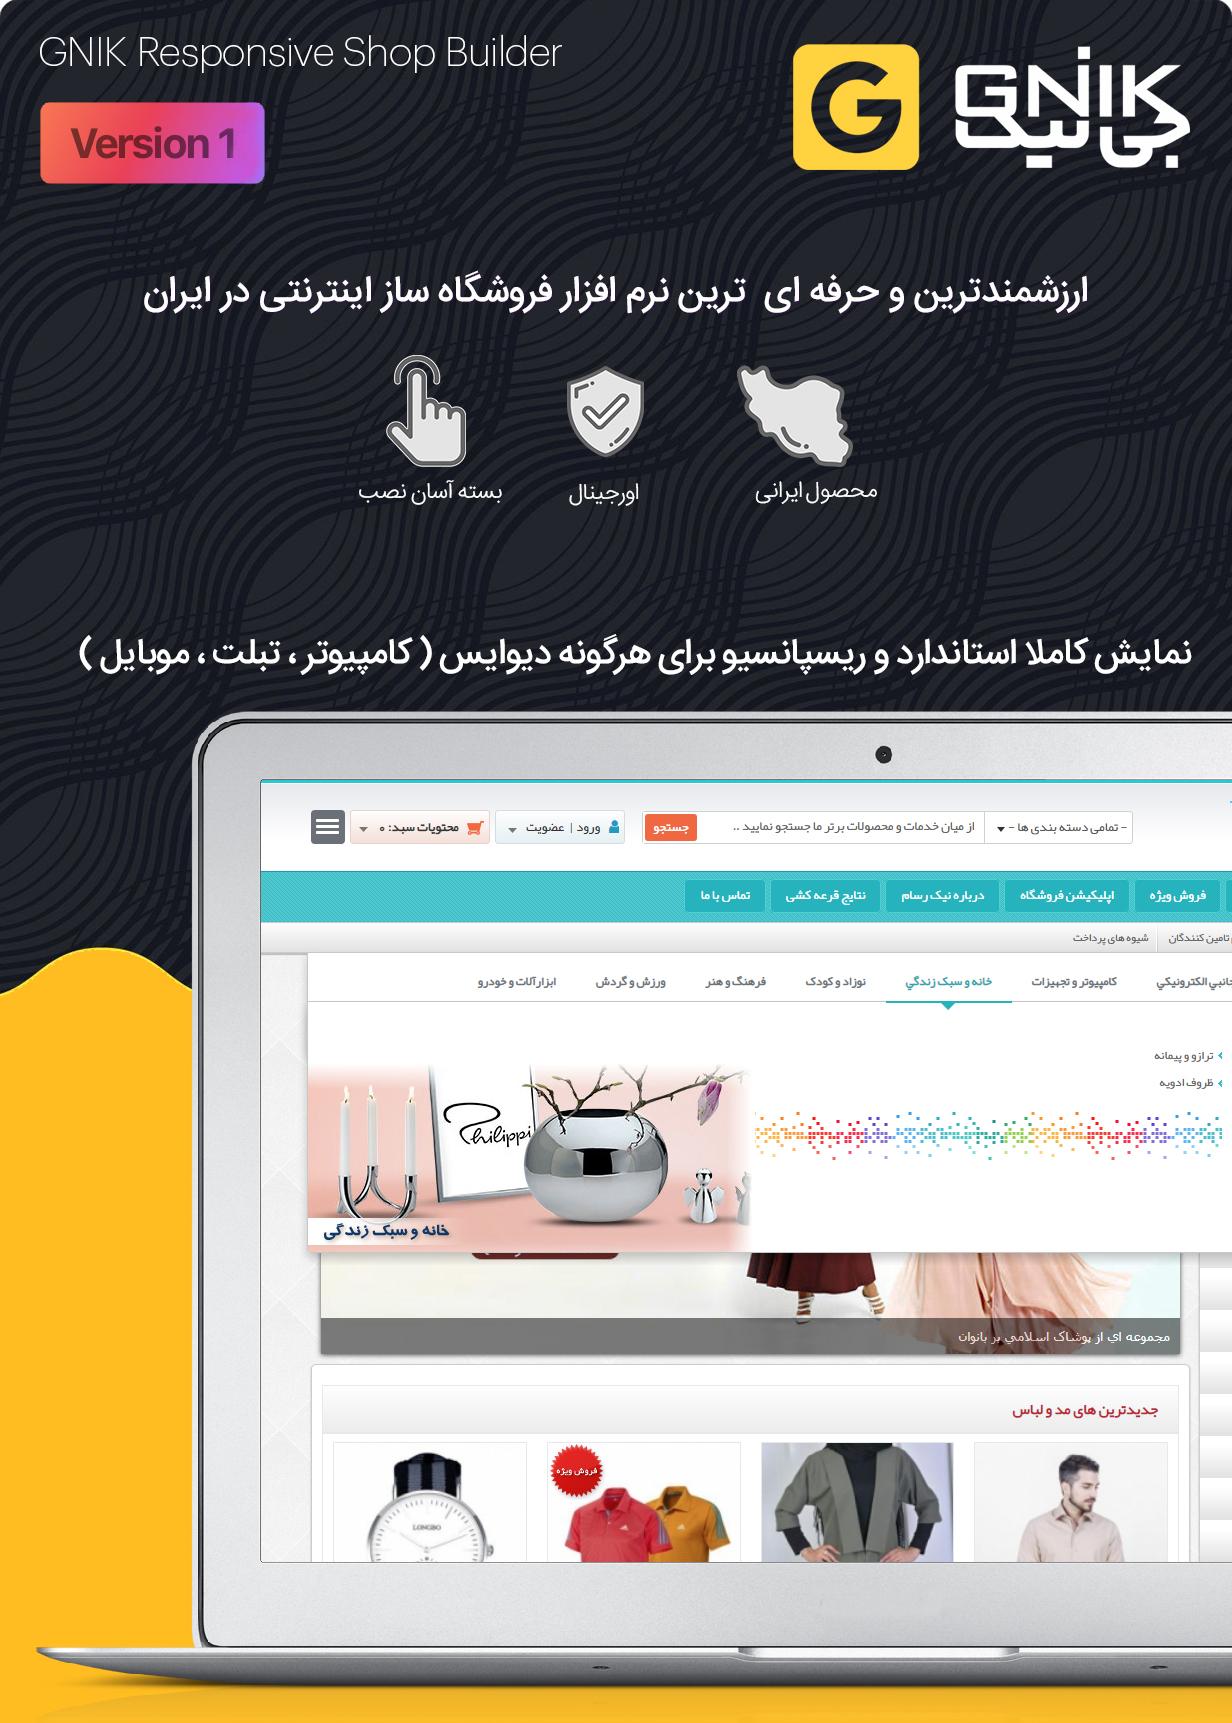 اسکریپت فارسی GNIK